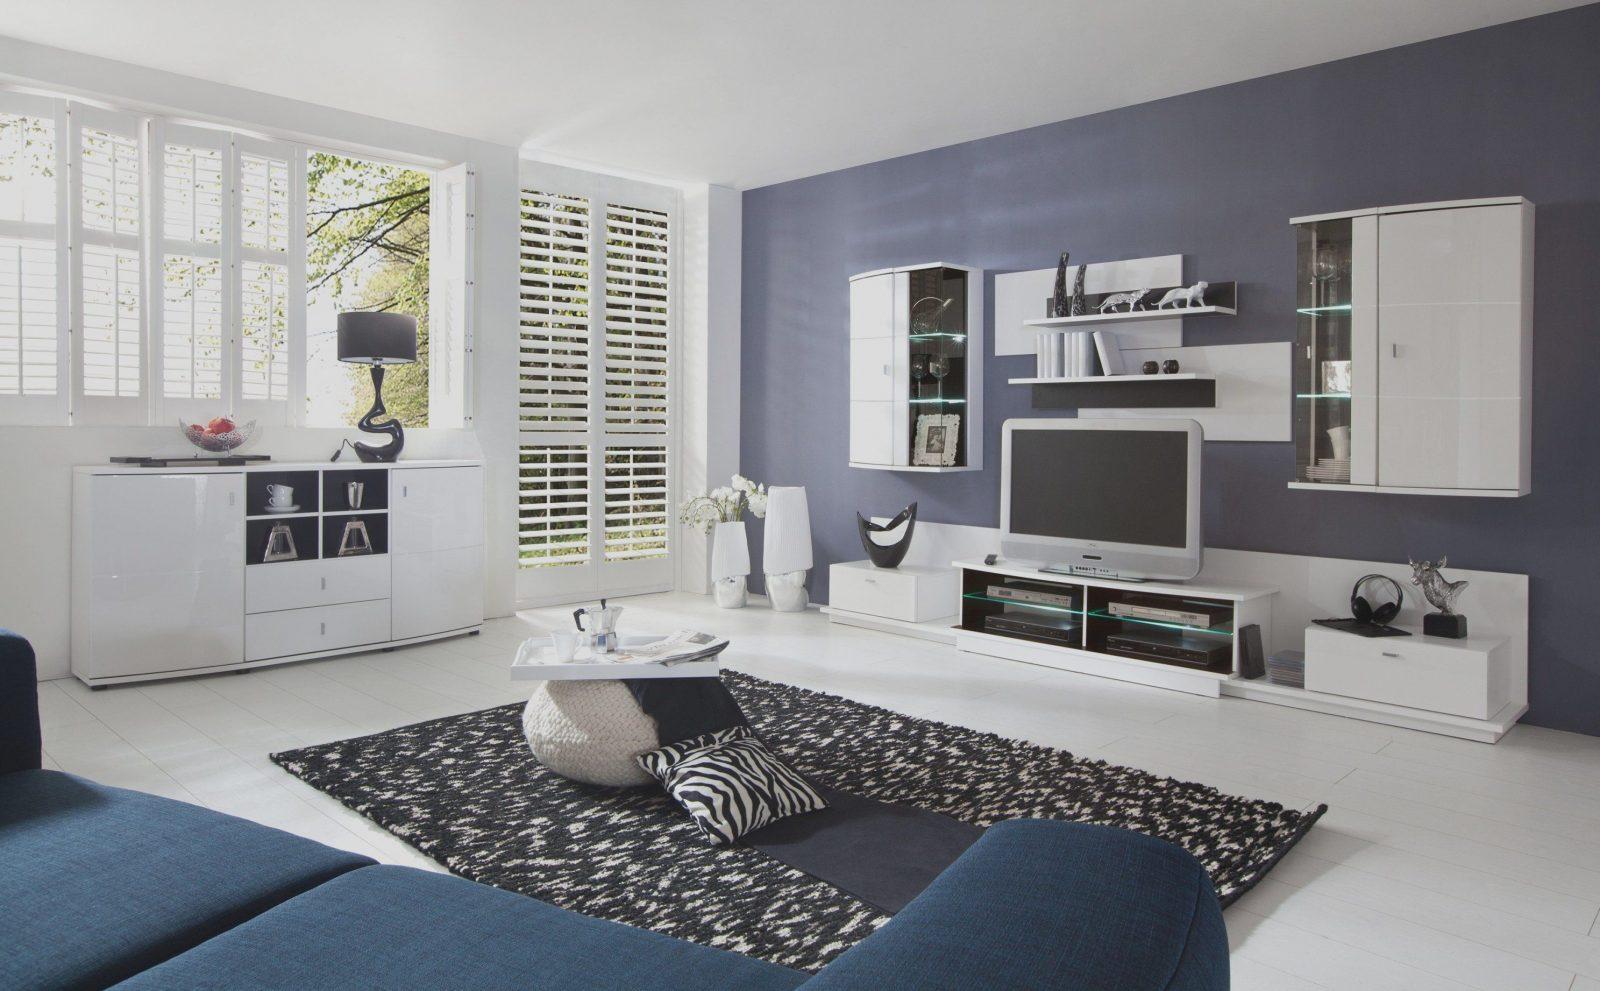 44 Bilder Für Wohnzimmer Modern  Haus Ideen von Bilder Fürs Wohnzimmer Modern Bild